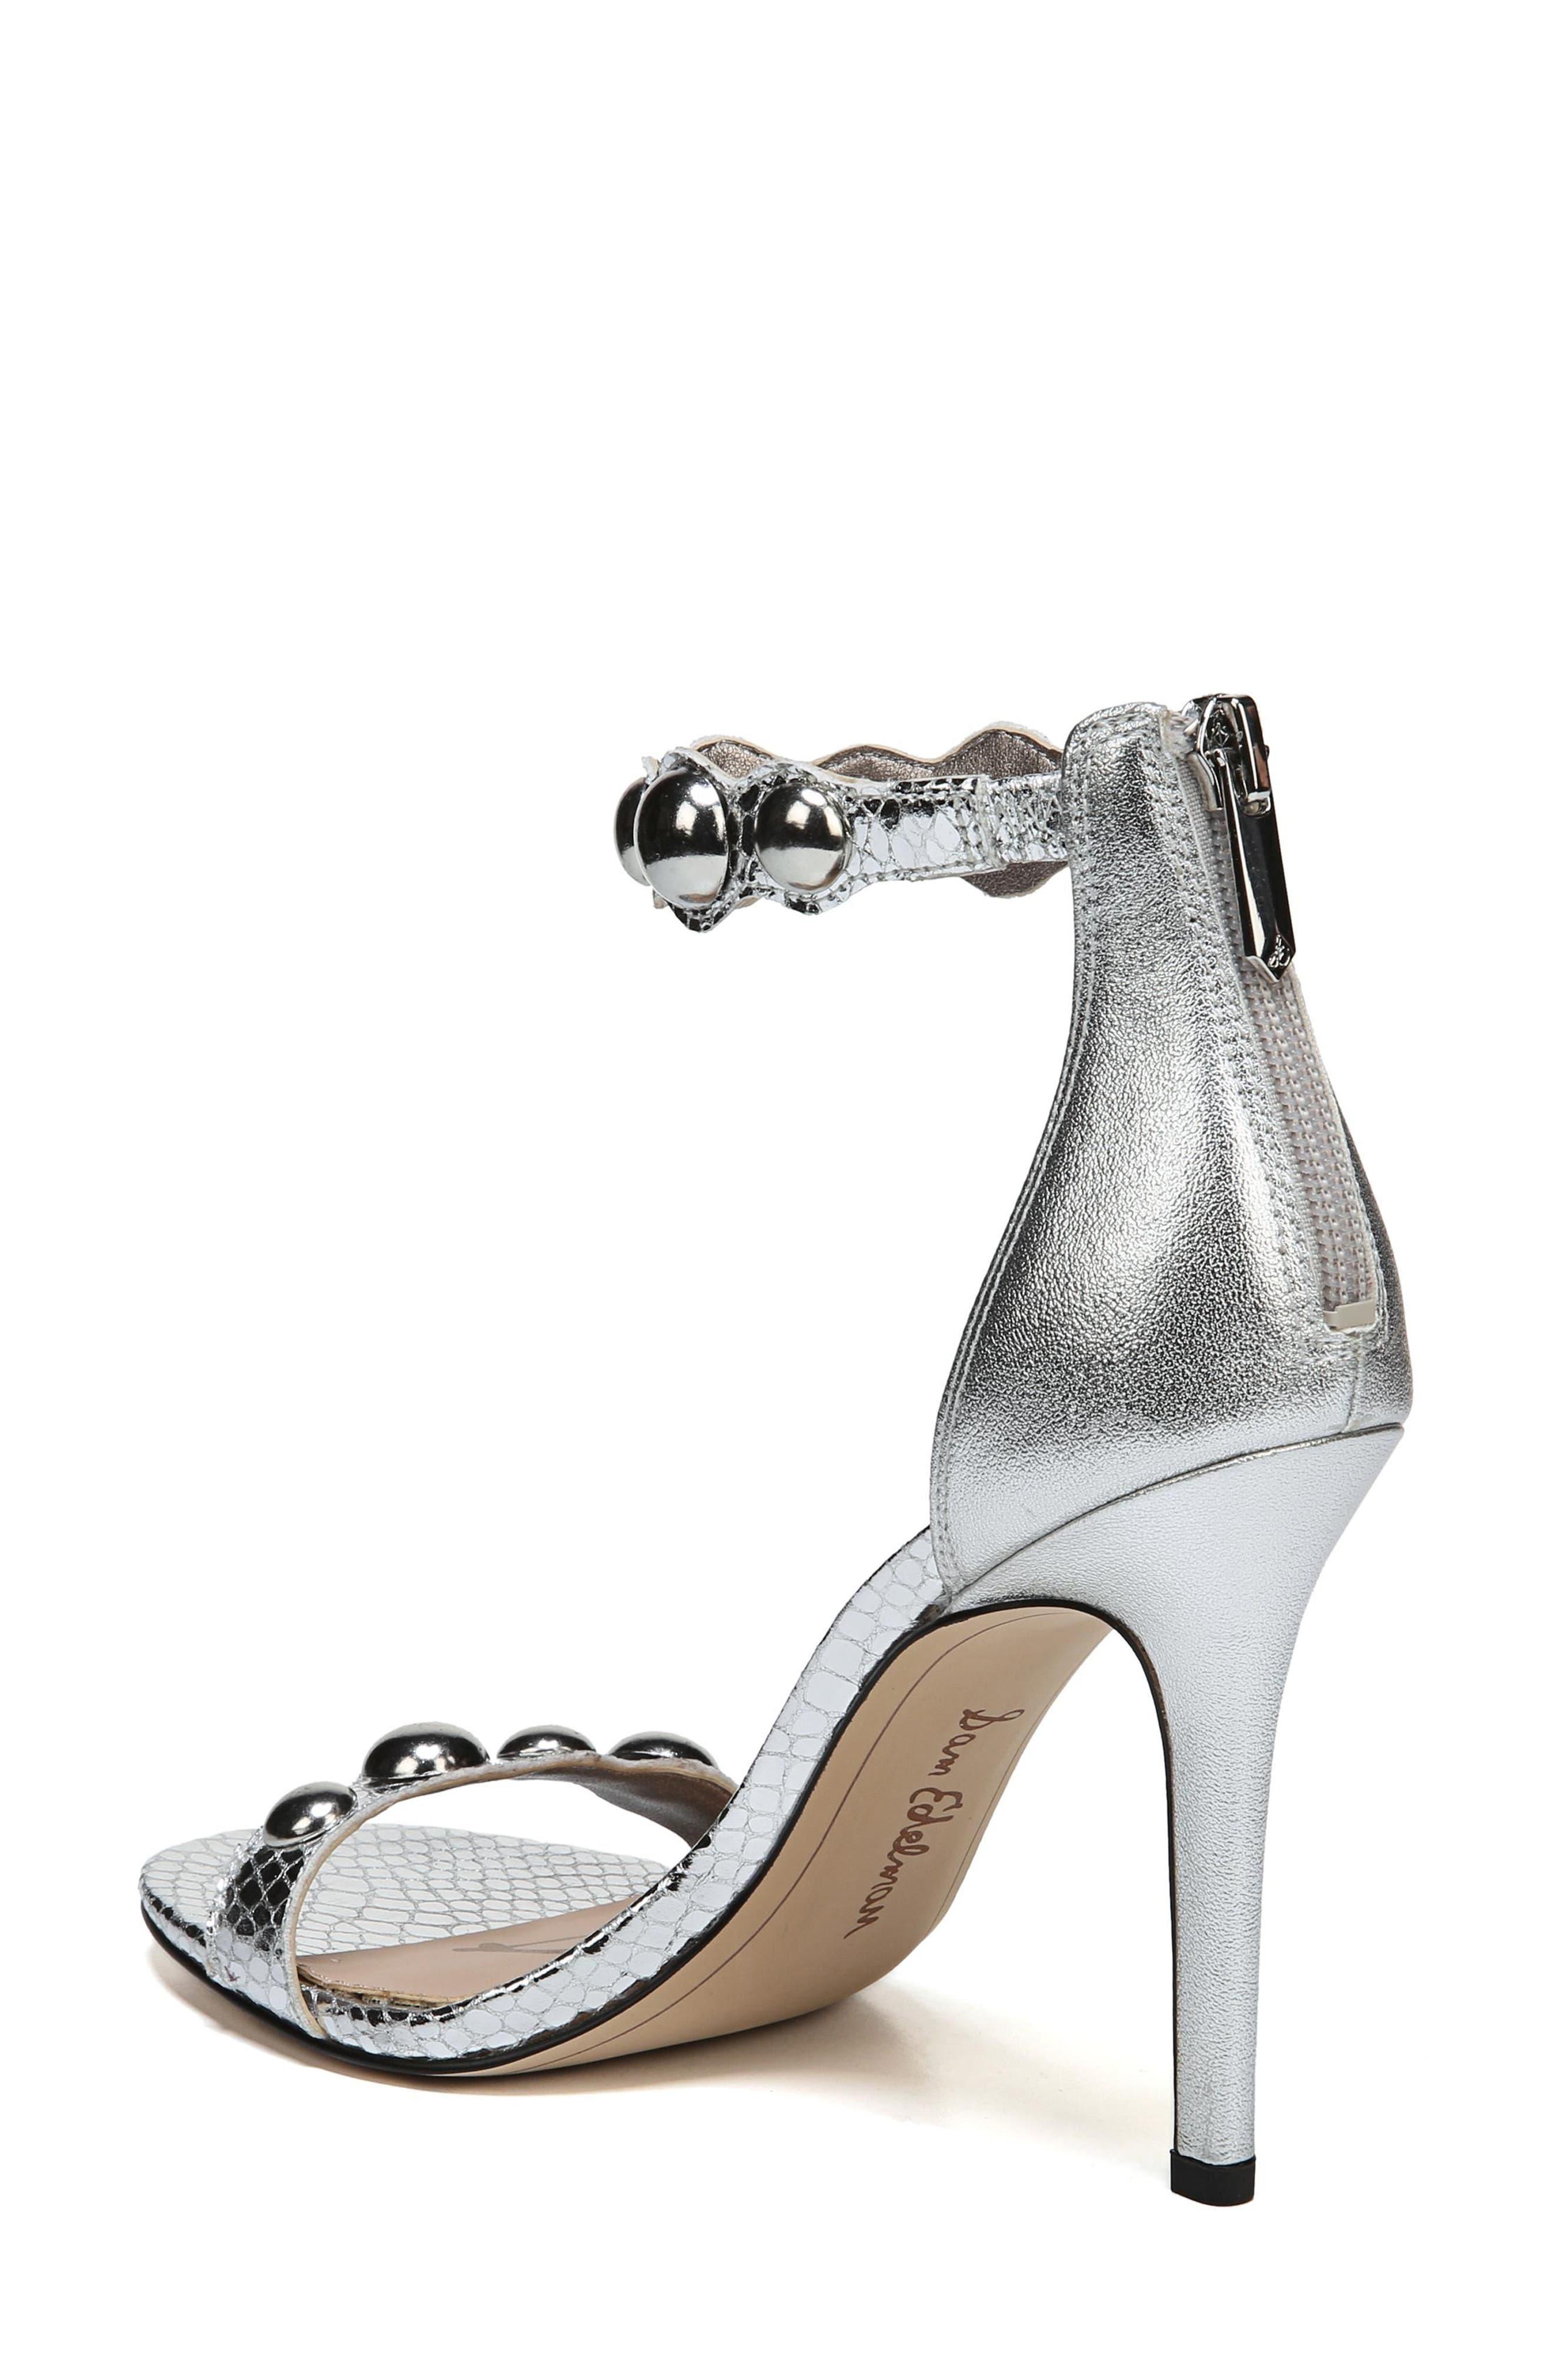 Sam Edelmen Addison Embellished Ankle Strap Sandal,                             Alternate thumbnail 2, color,                             Soft Silver